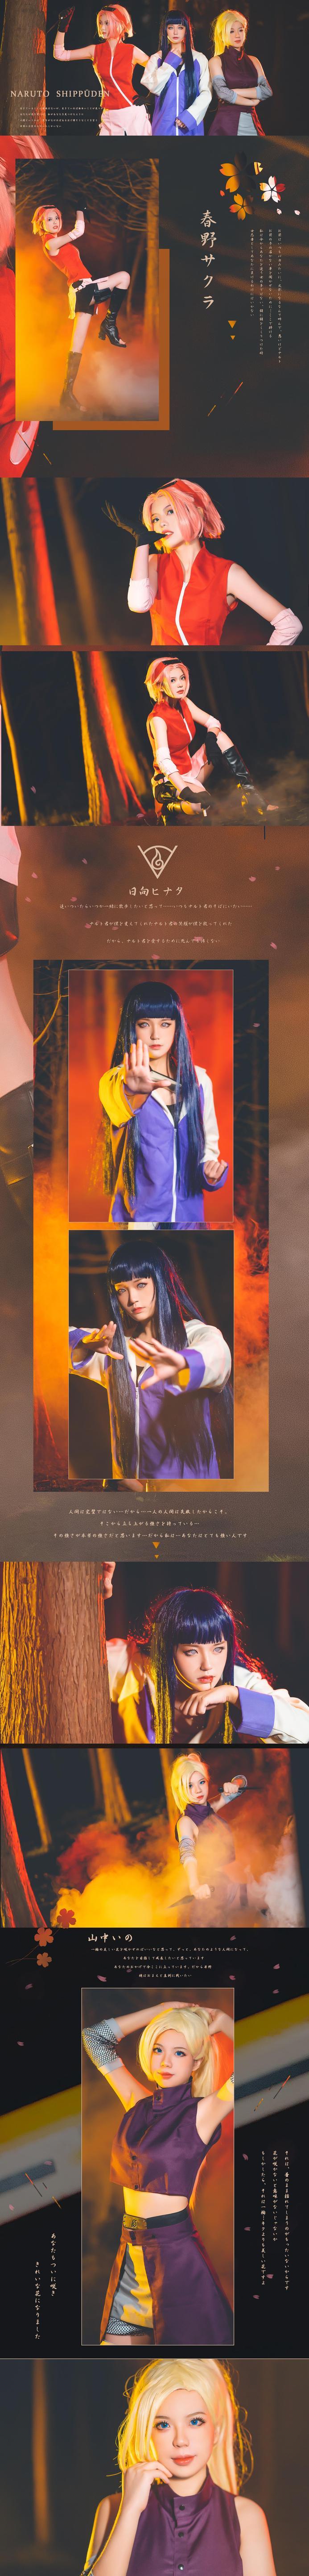 《火影忍者》正片cosplay【CN:北殿北】-第1张